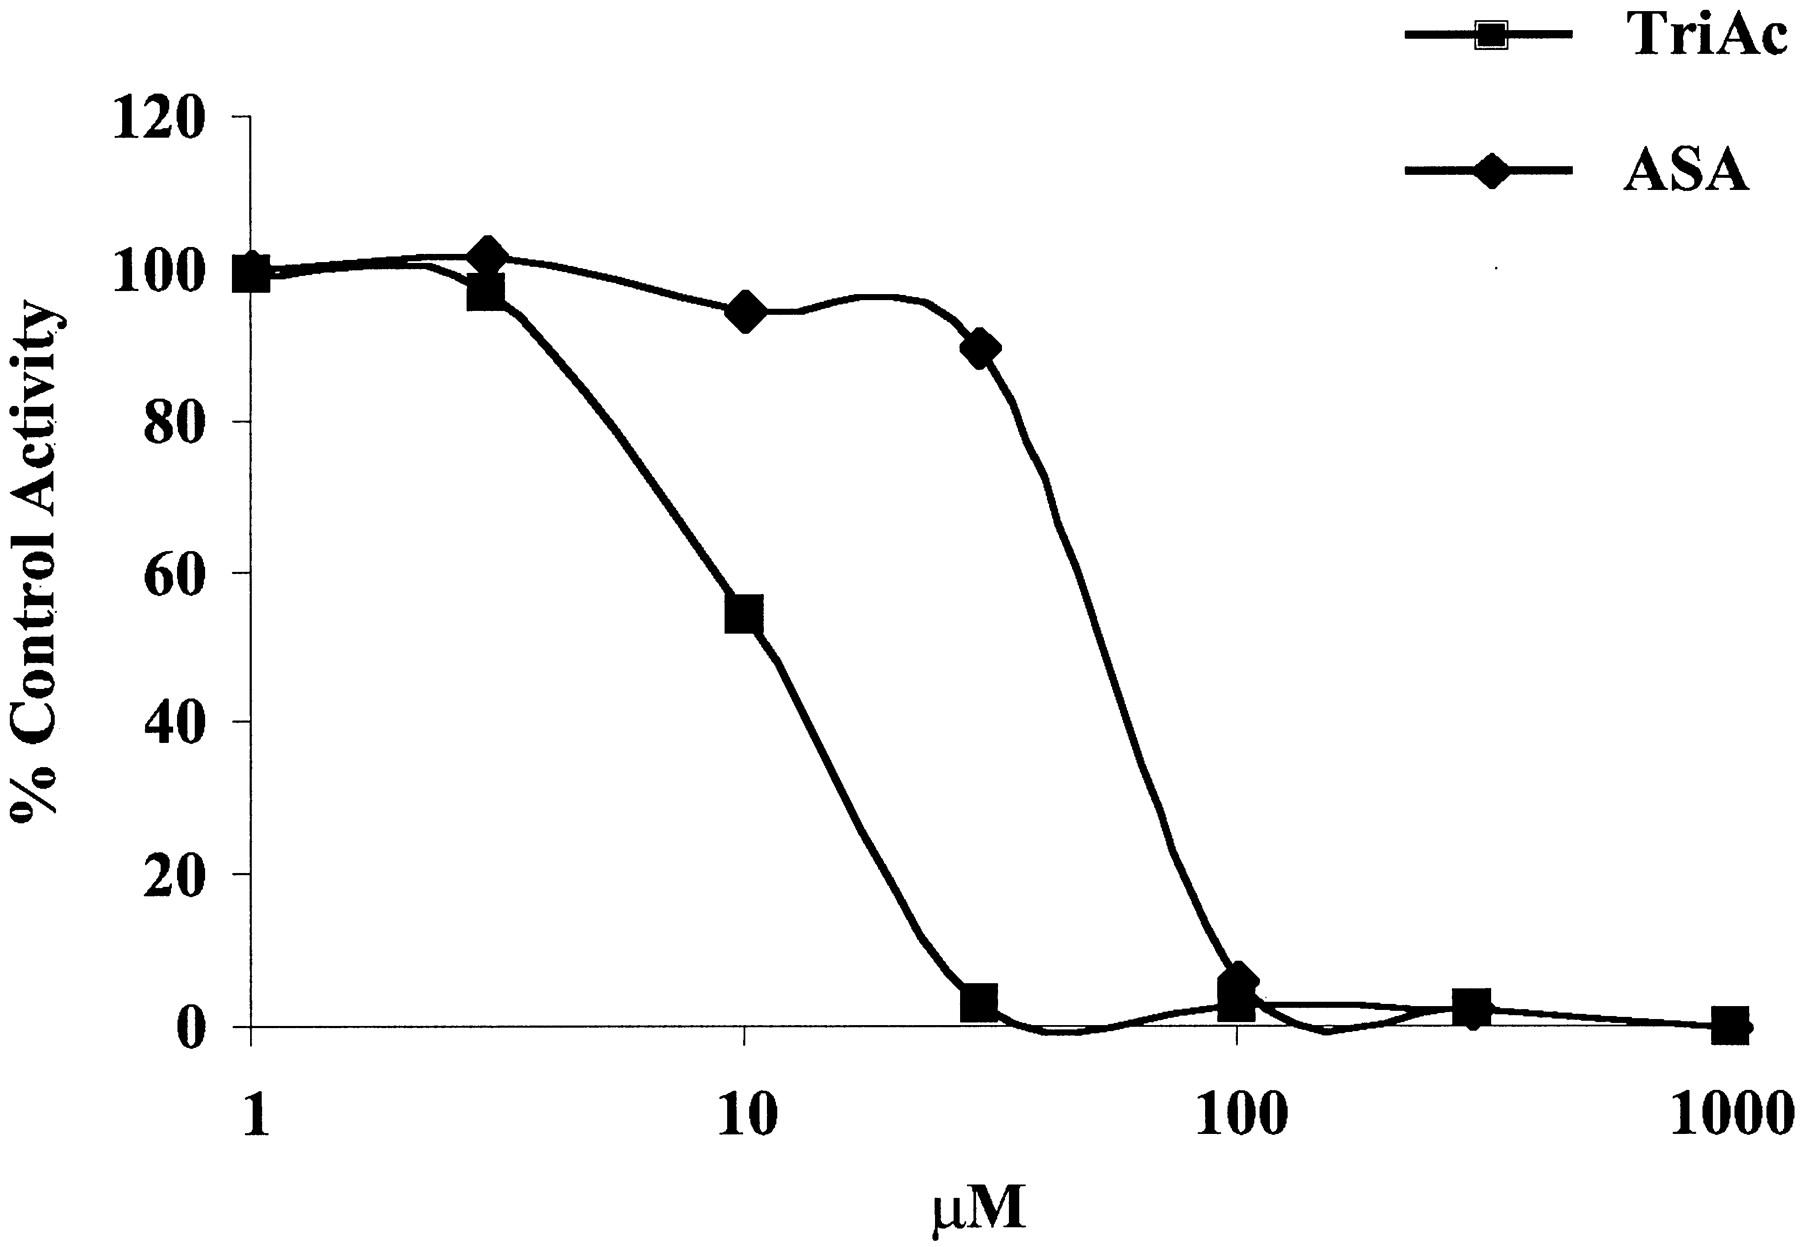 A Novel Family of Hydroxamate-Based Acylating Inhibitors